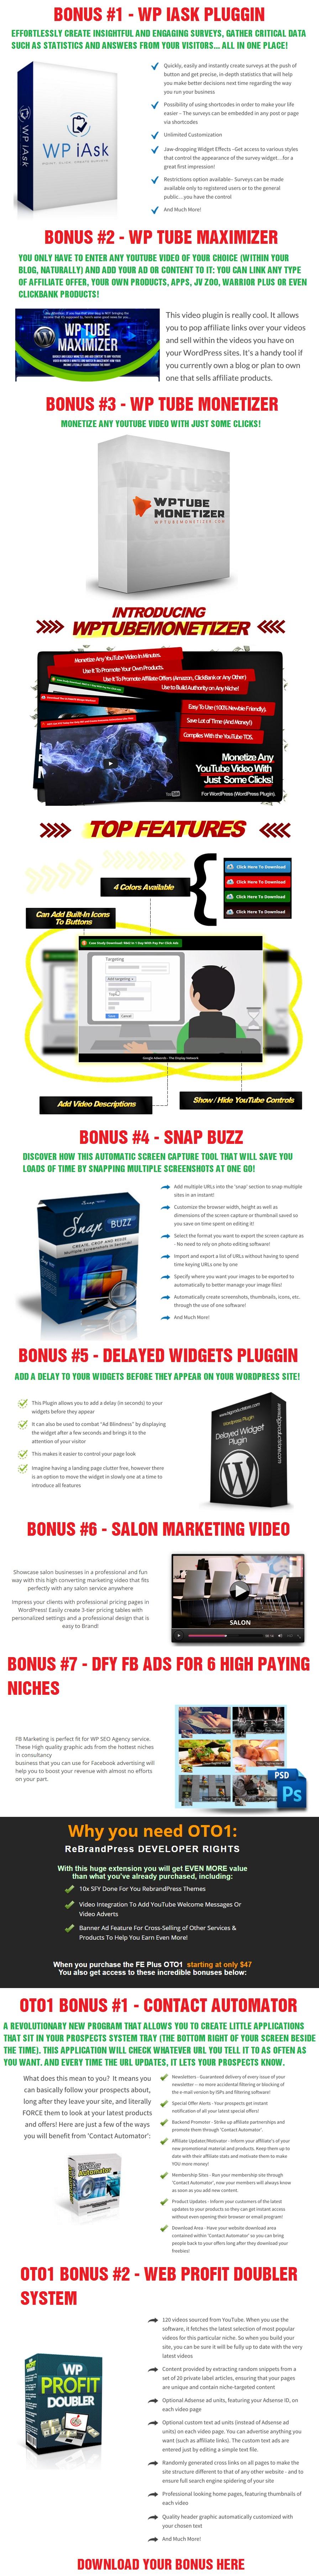 RebrandPress Bonus